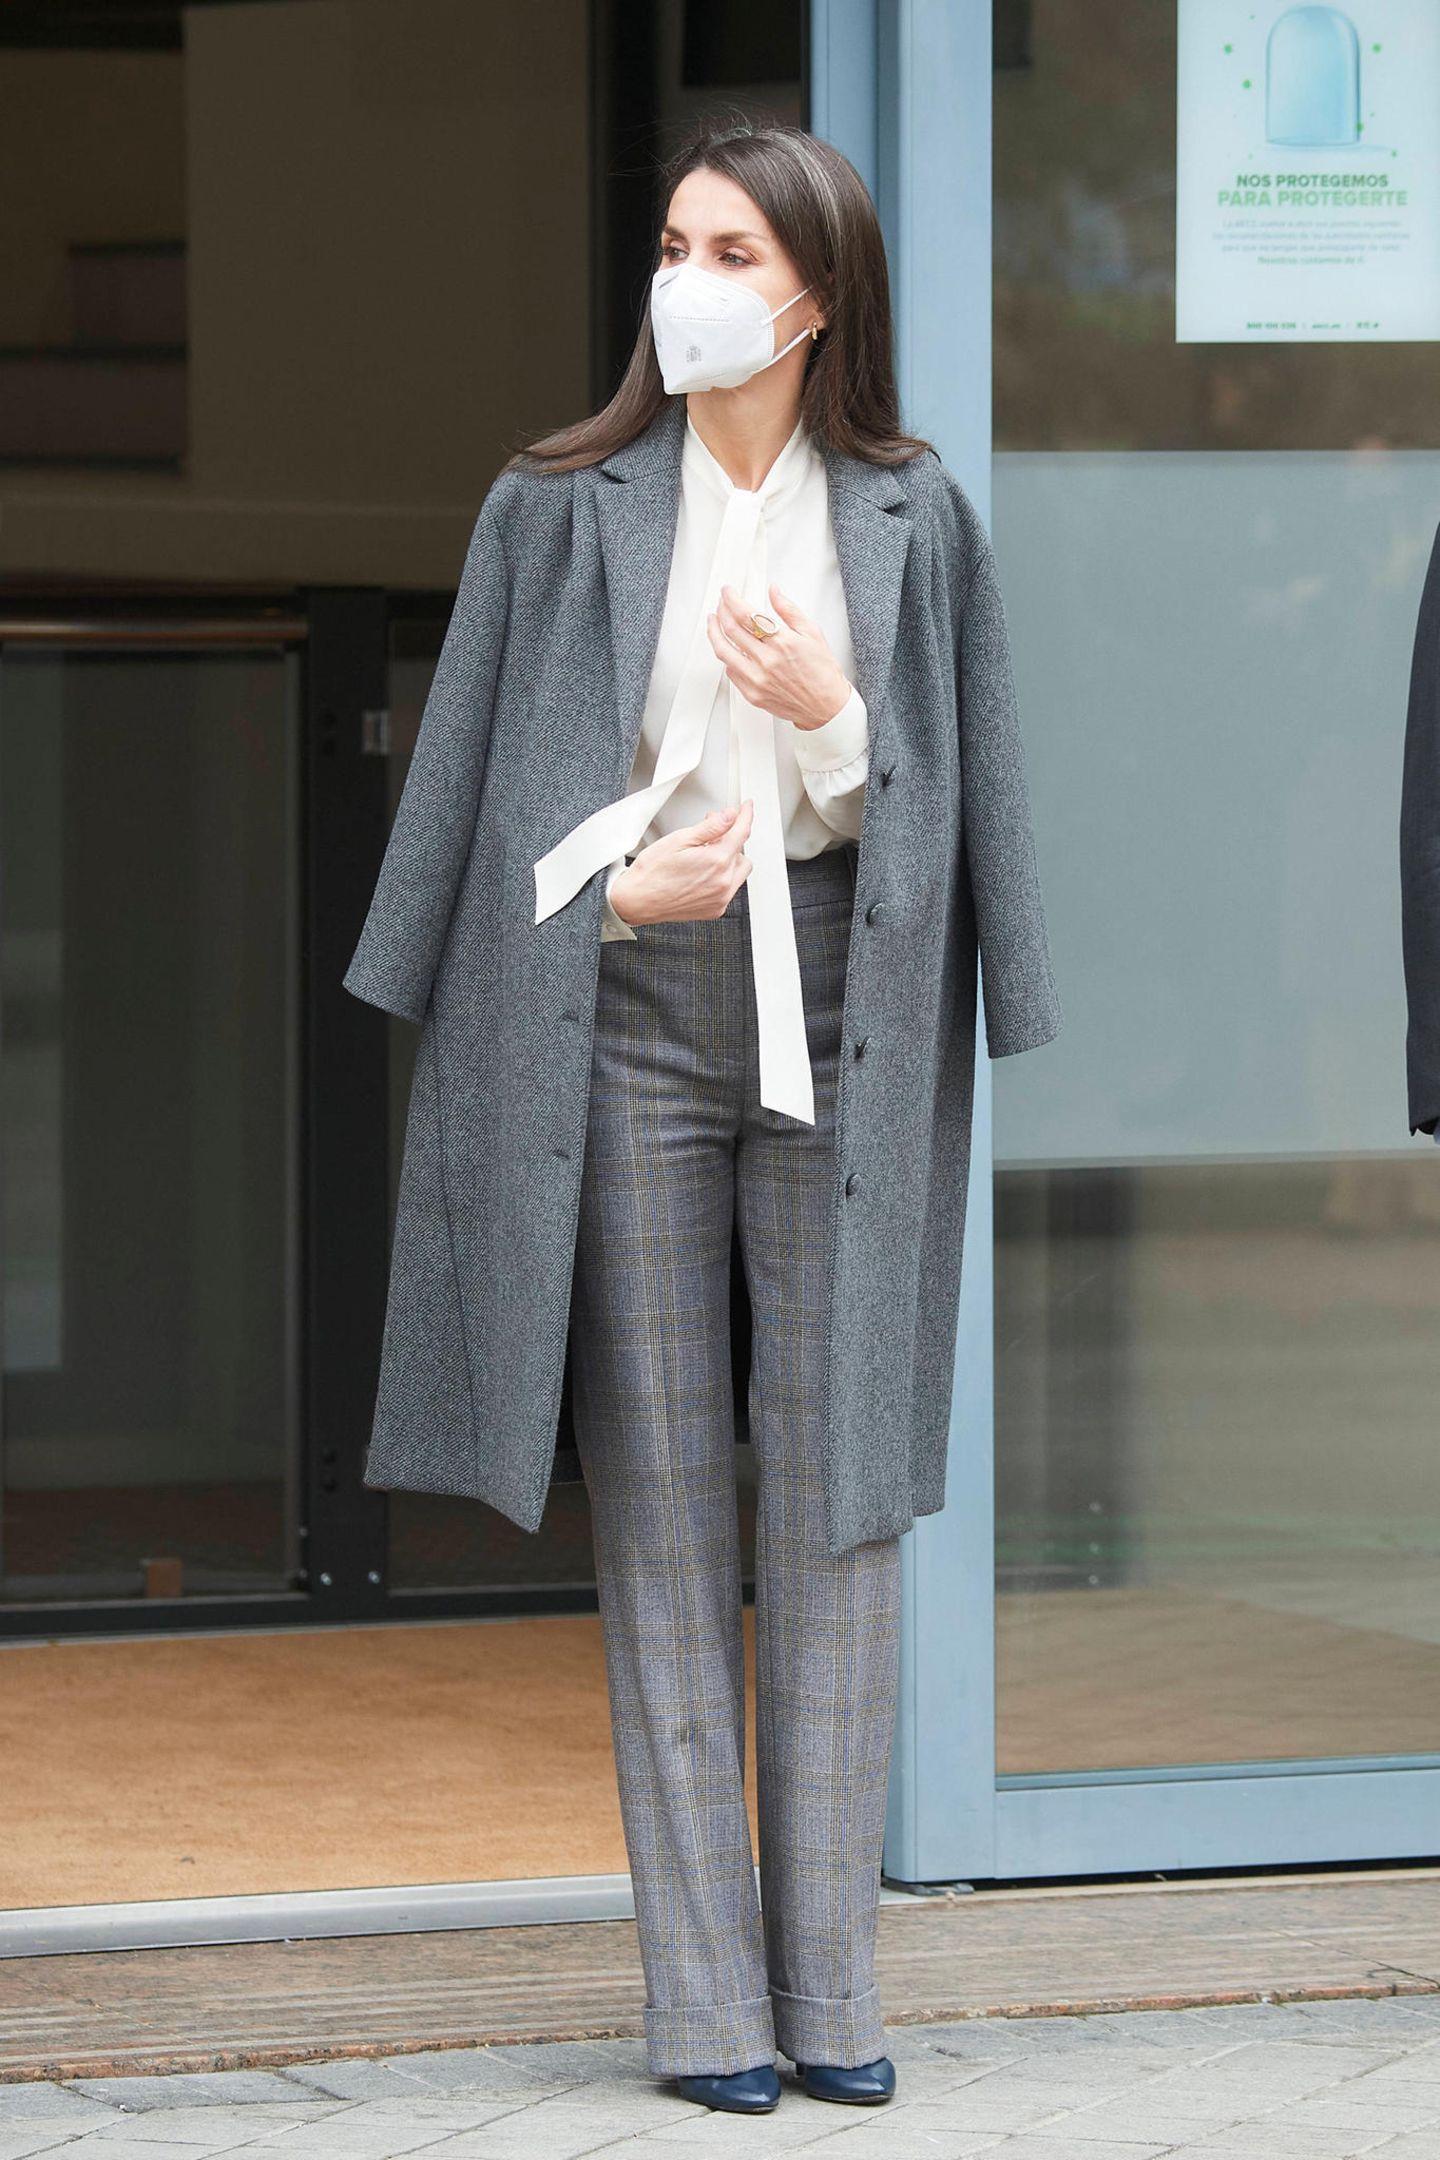 Bei diesem wichtigen Termin zum Kampf gegen Krebserkrankungenzeigtsich auch Königin Letizia beim Style zurückhaltend. Sie trägt eine weiße Schluppenbluse von Hugo Boss, einen grauen Mantel von Nina Ricci und eine Anzughose von Massimo Dutti. Eine Sache an ihr fällt aber auf ...